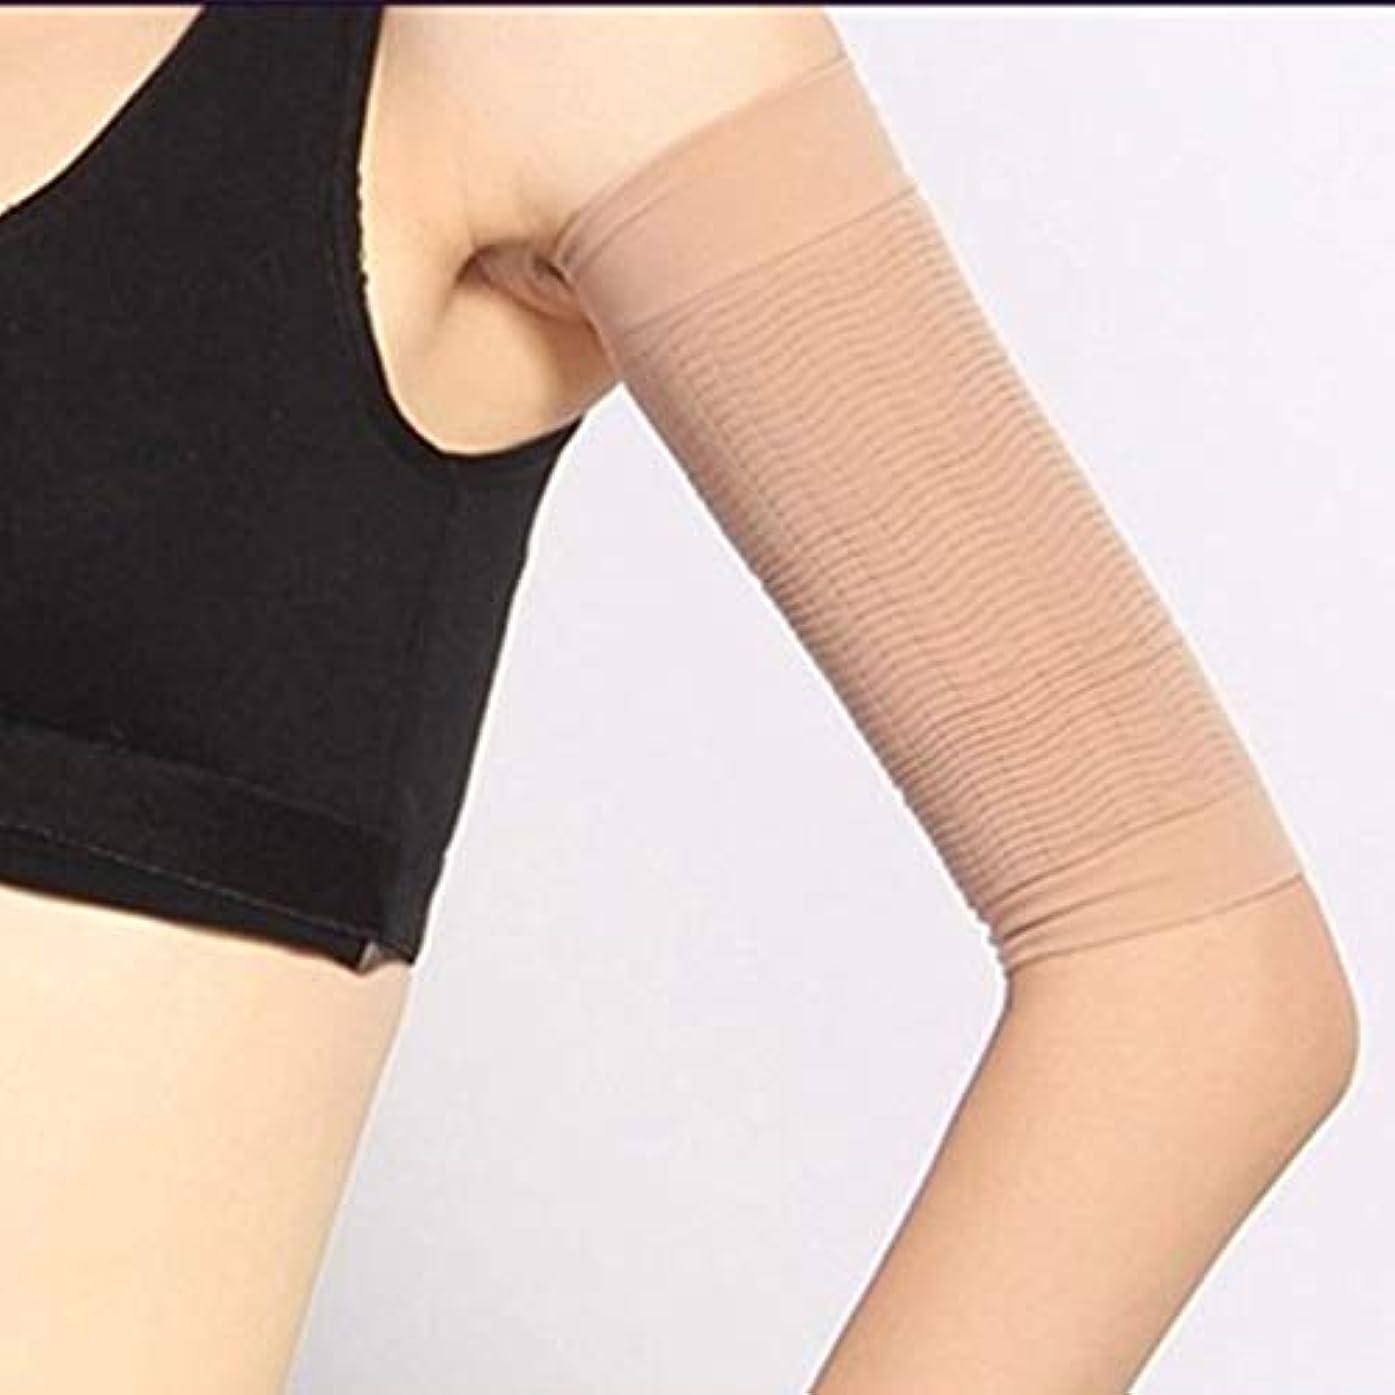 病気洞窟沈黙1ペア420 D圧縮痩身アームスリーブワークアウトトーニングバーンセルライトシェイパー脂肪燃焼袖用女性 - 肌色